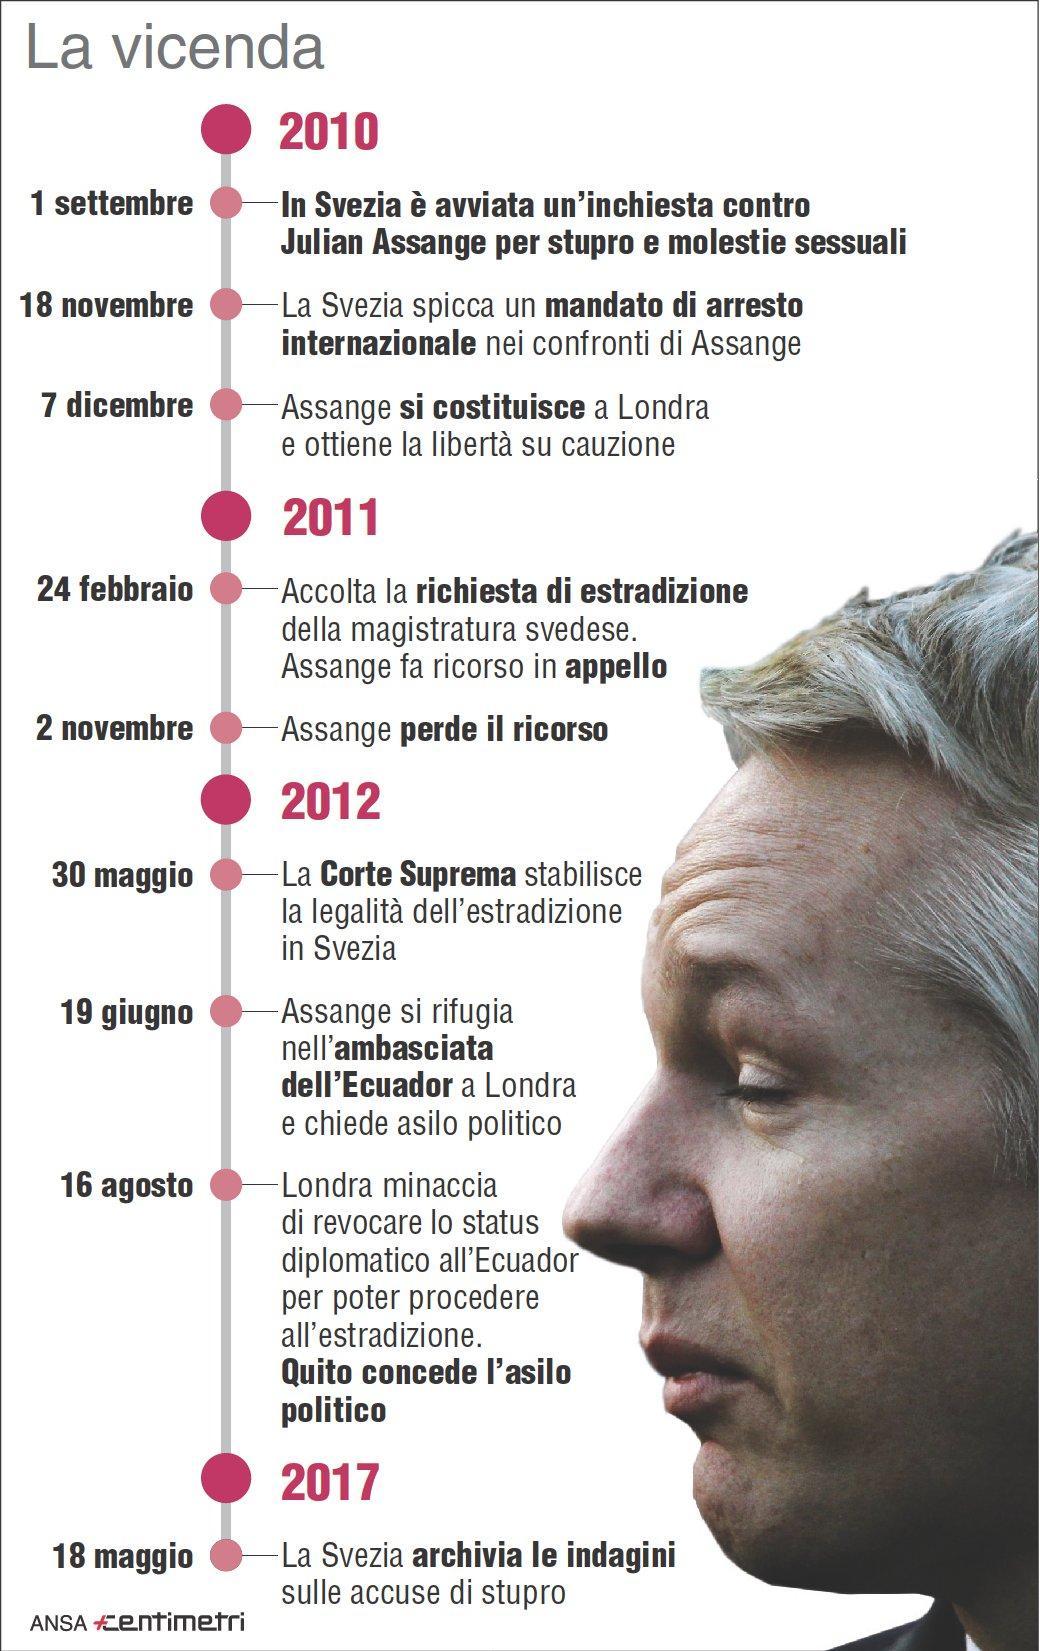 Assange, le tappe della vicenda dal 2010 a oggi